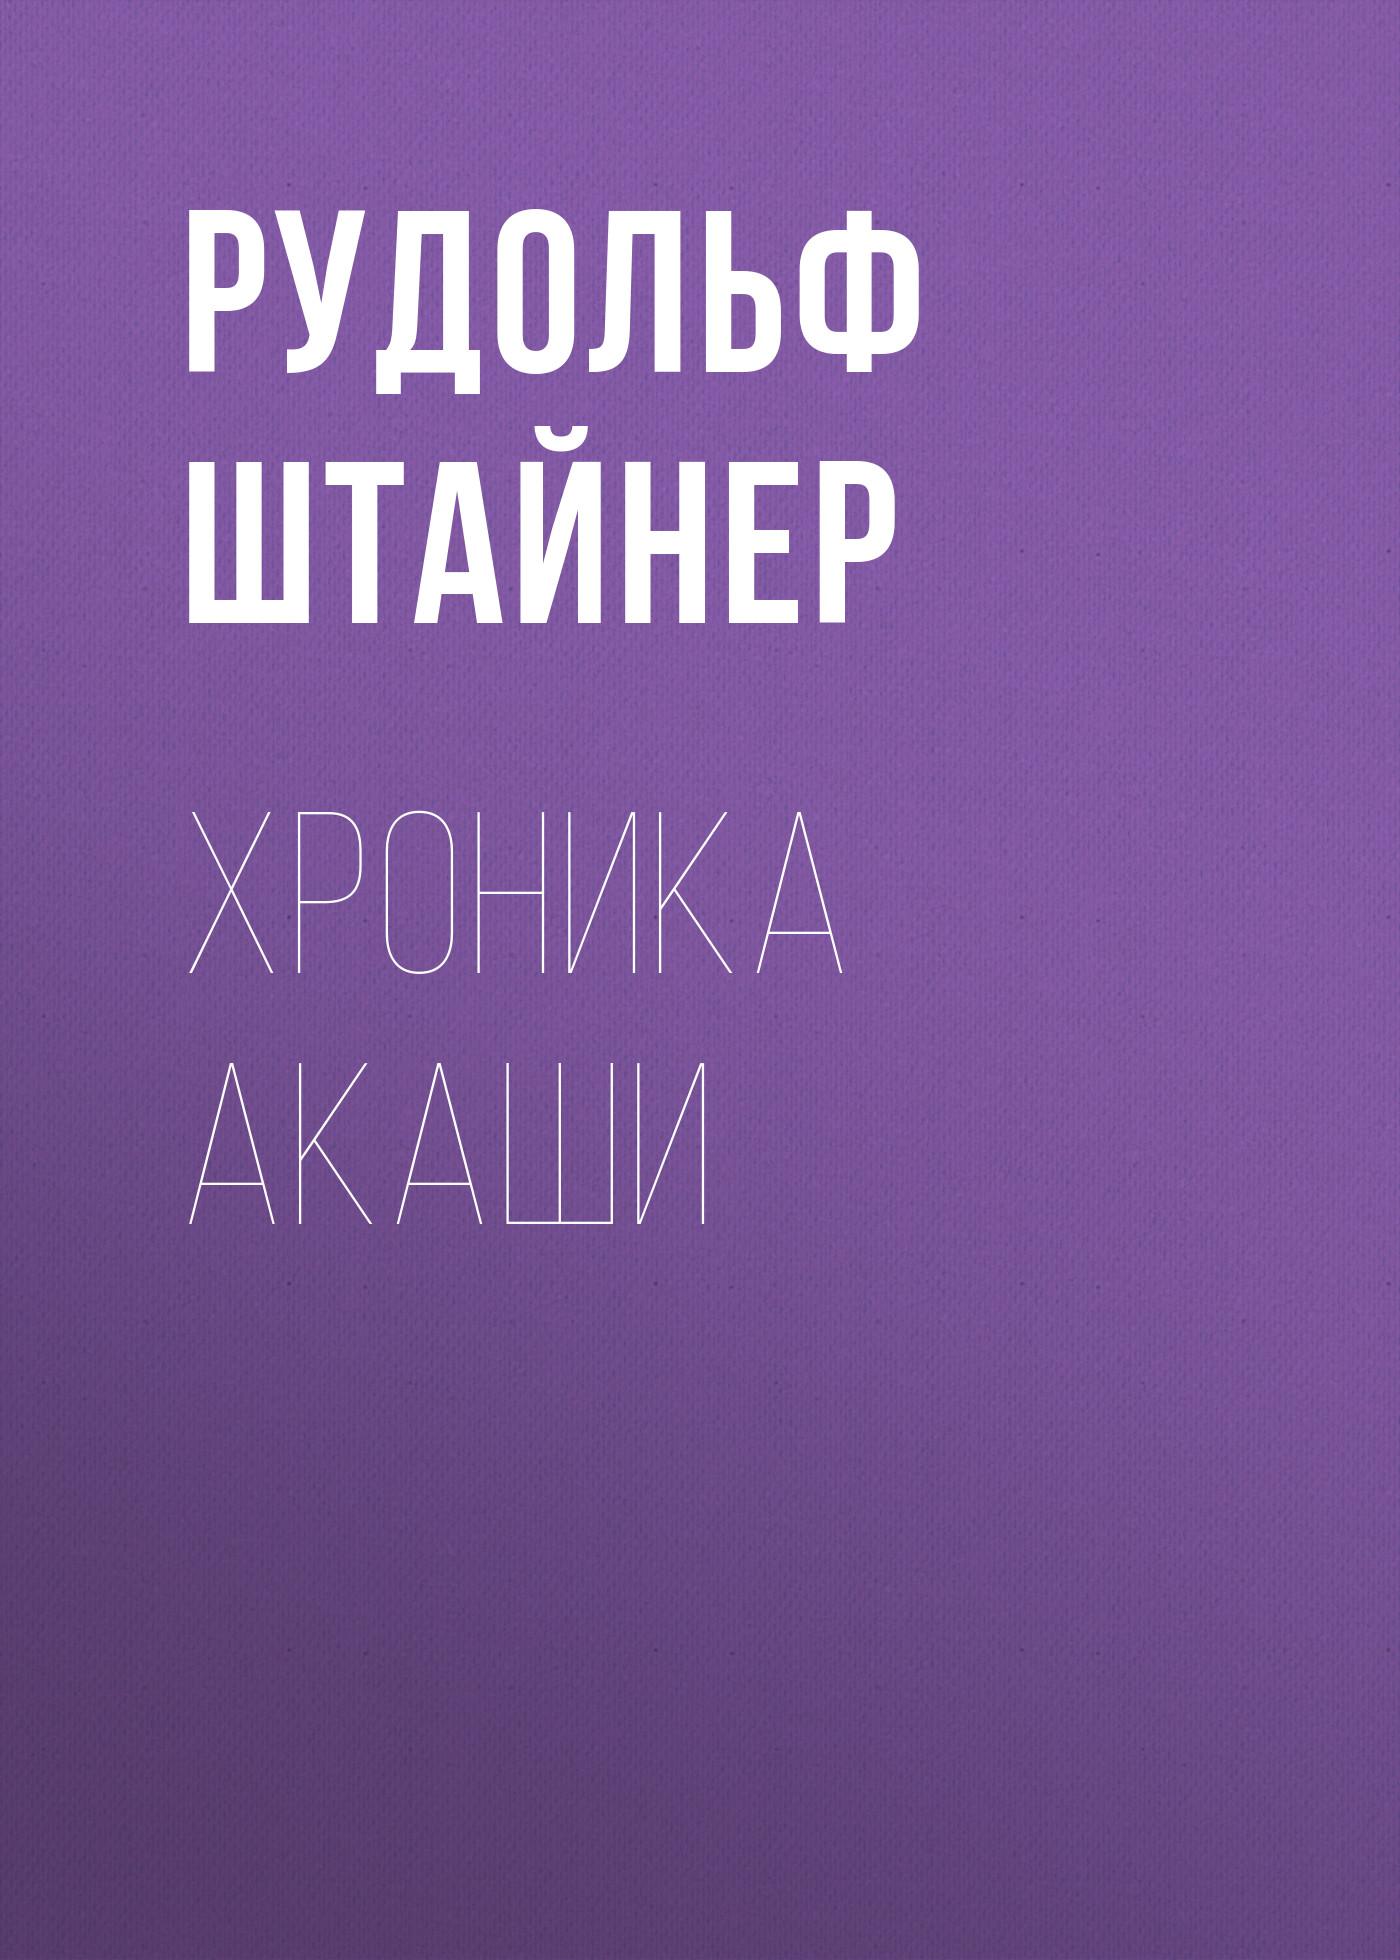 Рудольф Штайнер Хроника Акаши рудольф штайнер апокалипсис